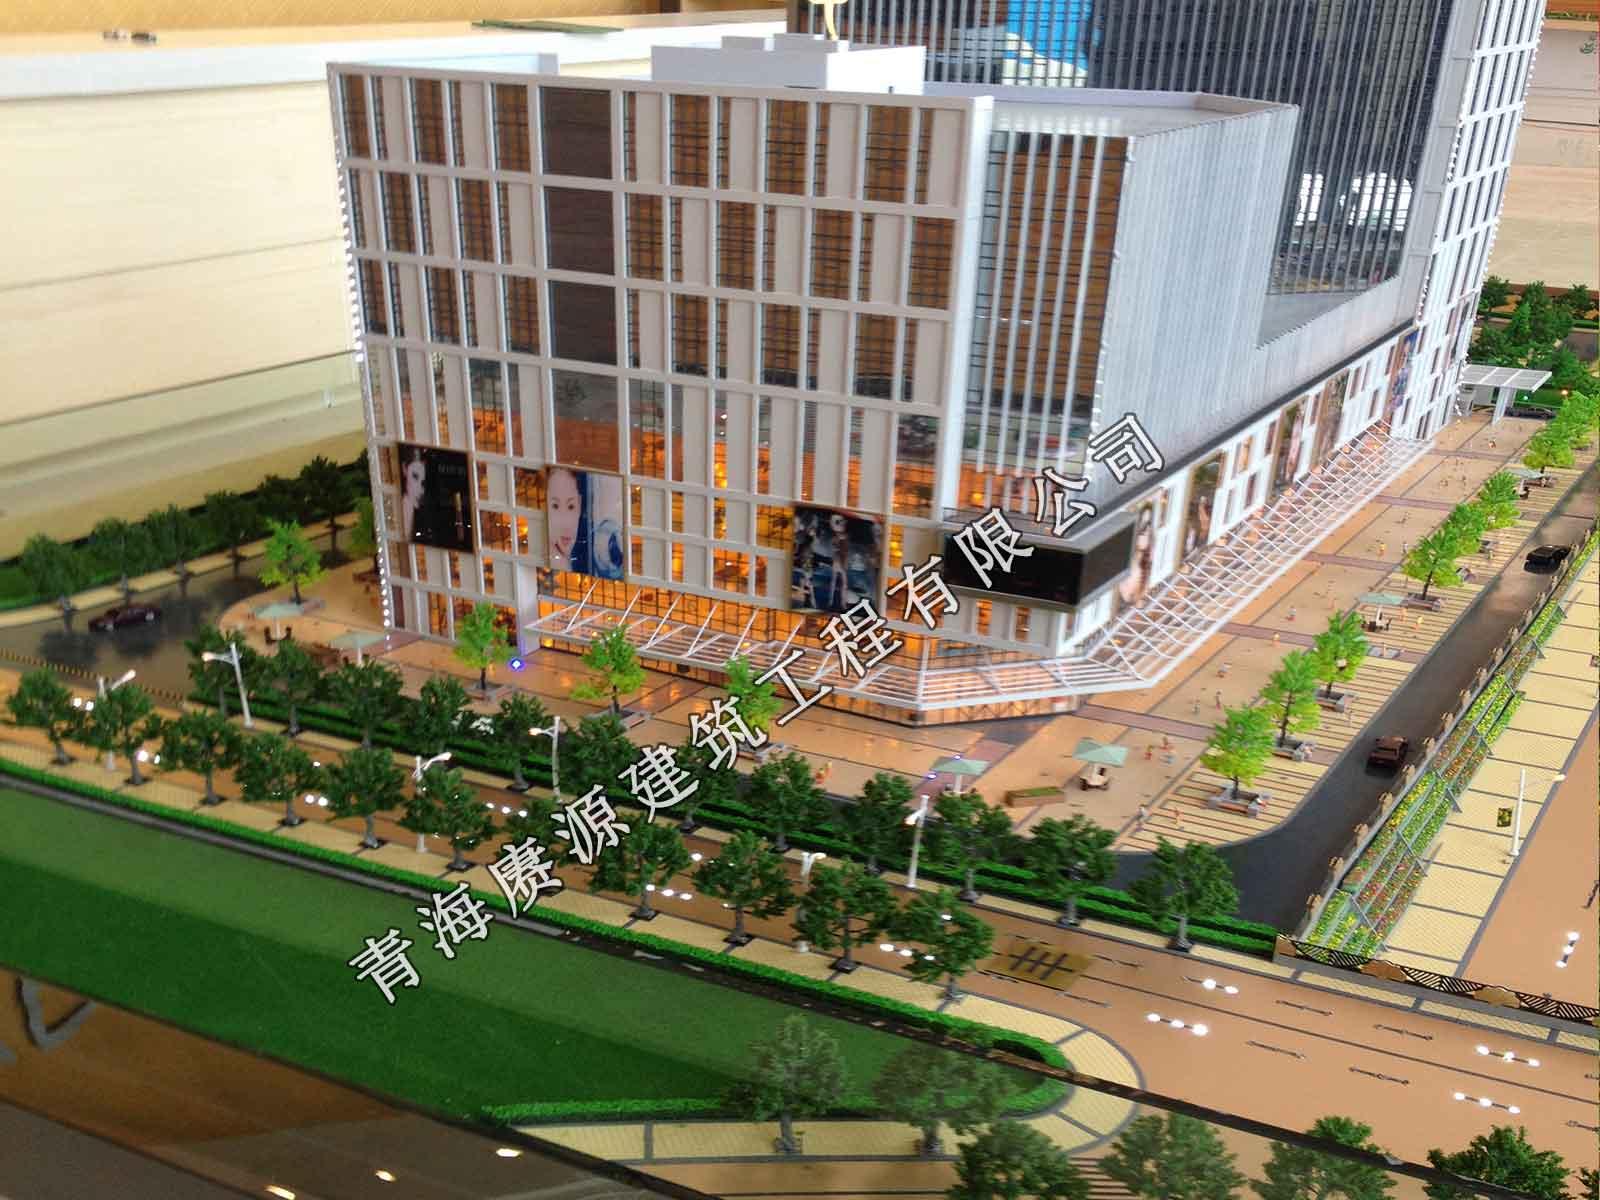 西宁知名的建筑沙盘模型供应商-博物馆沙盘模型